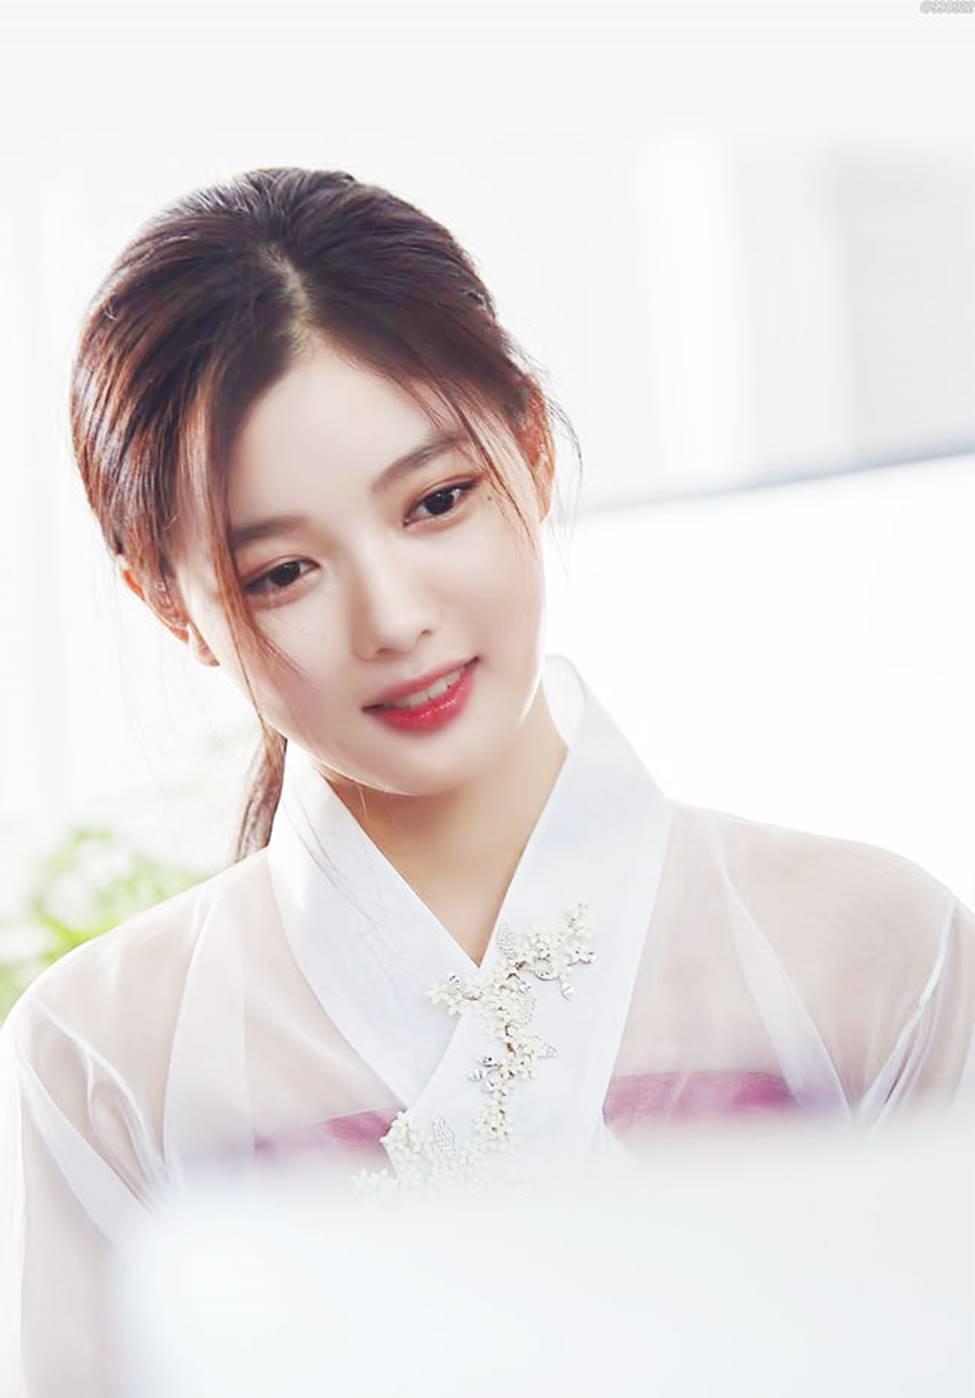 Vẻ đẹp xuất thần của cô gái 19 tuổi xinh nhất xứ Hàn-11